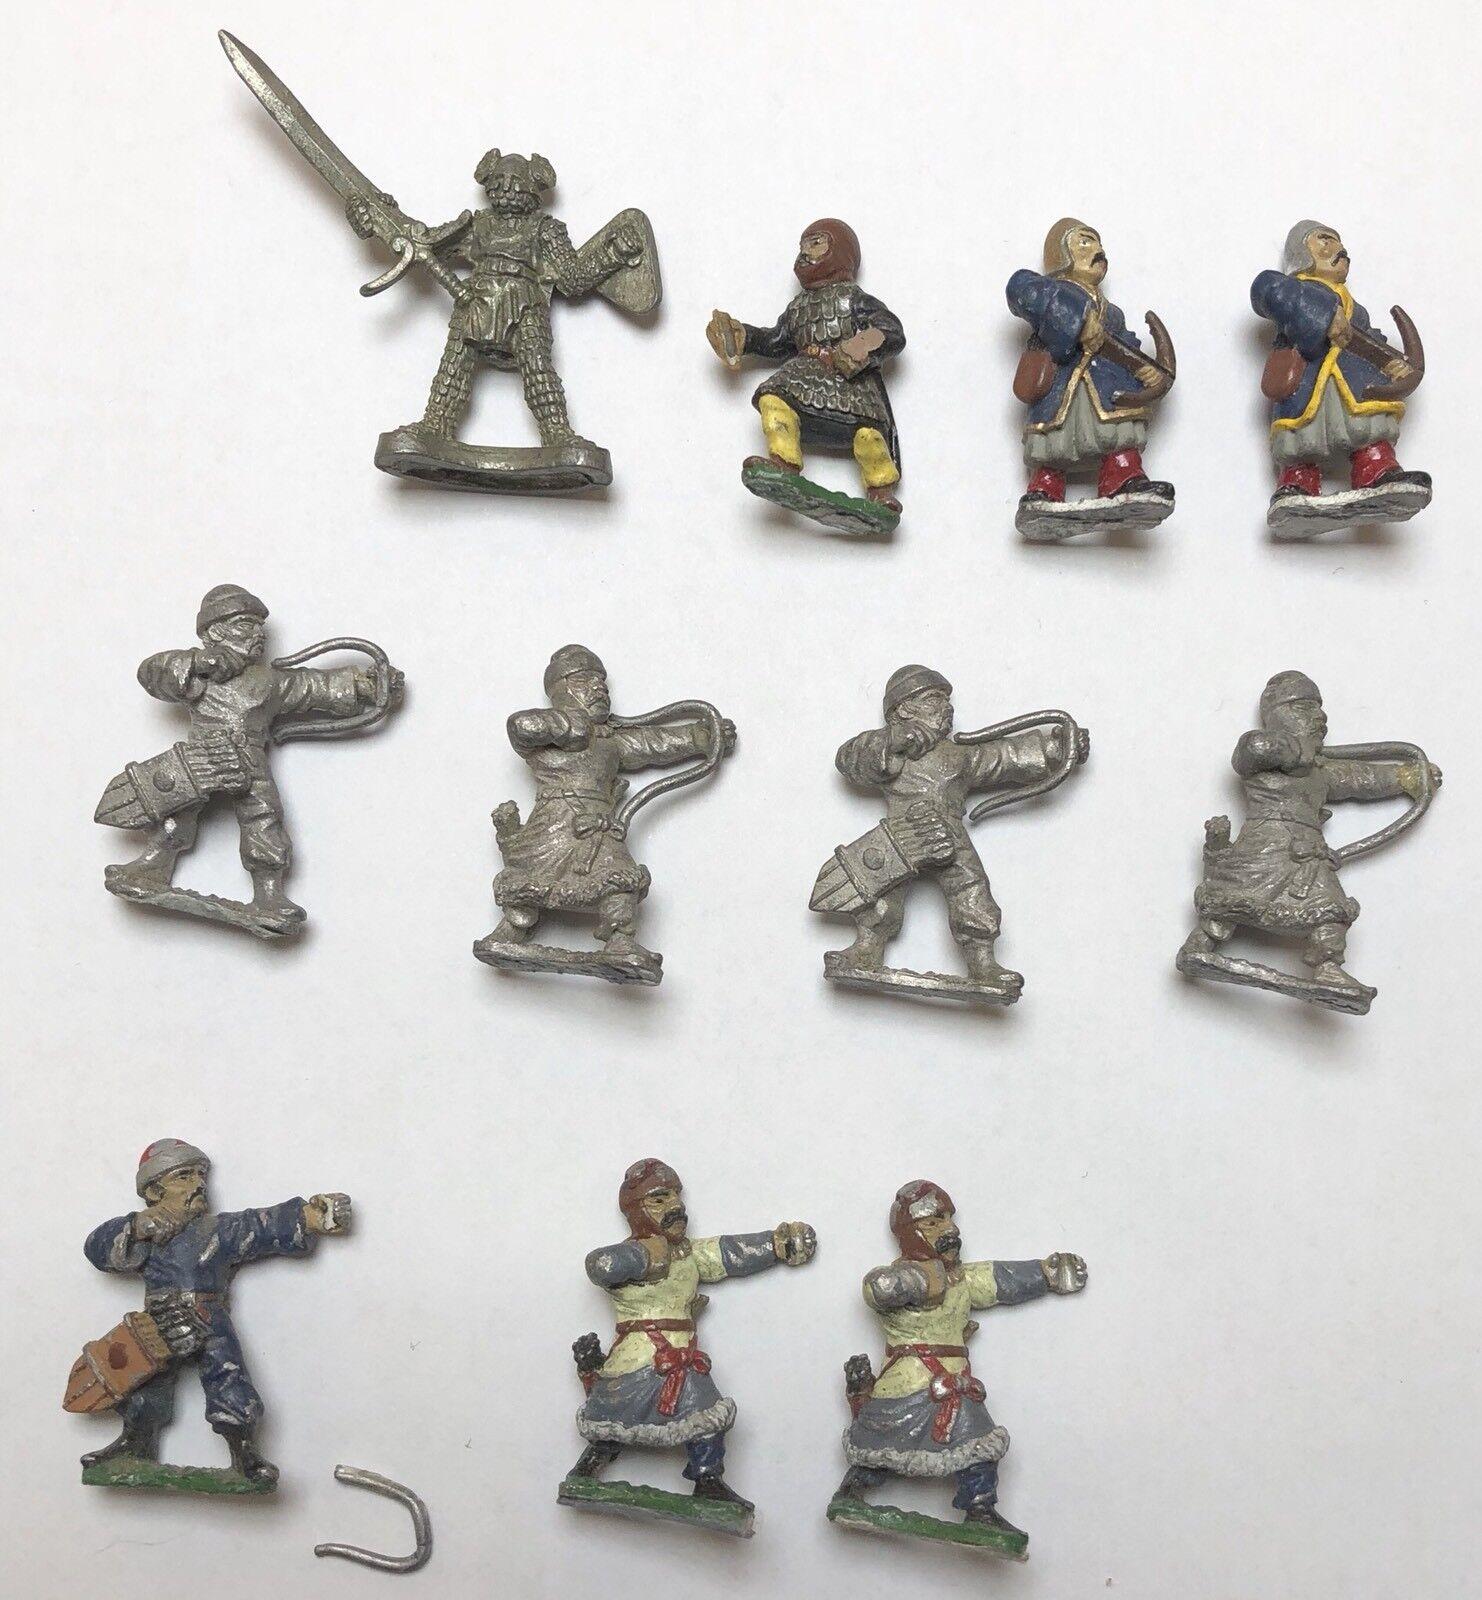 buscando agente de ventas Essex Essex Essex Lote de 11 soldados de tiro con arco mongol Medieval De Metal Hombres De Guerra En Miniatura  Las ventas en línea ahorran un 70%.